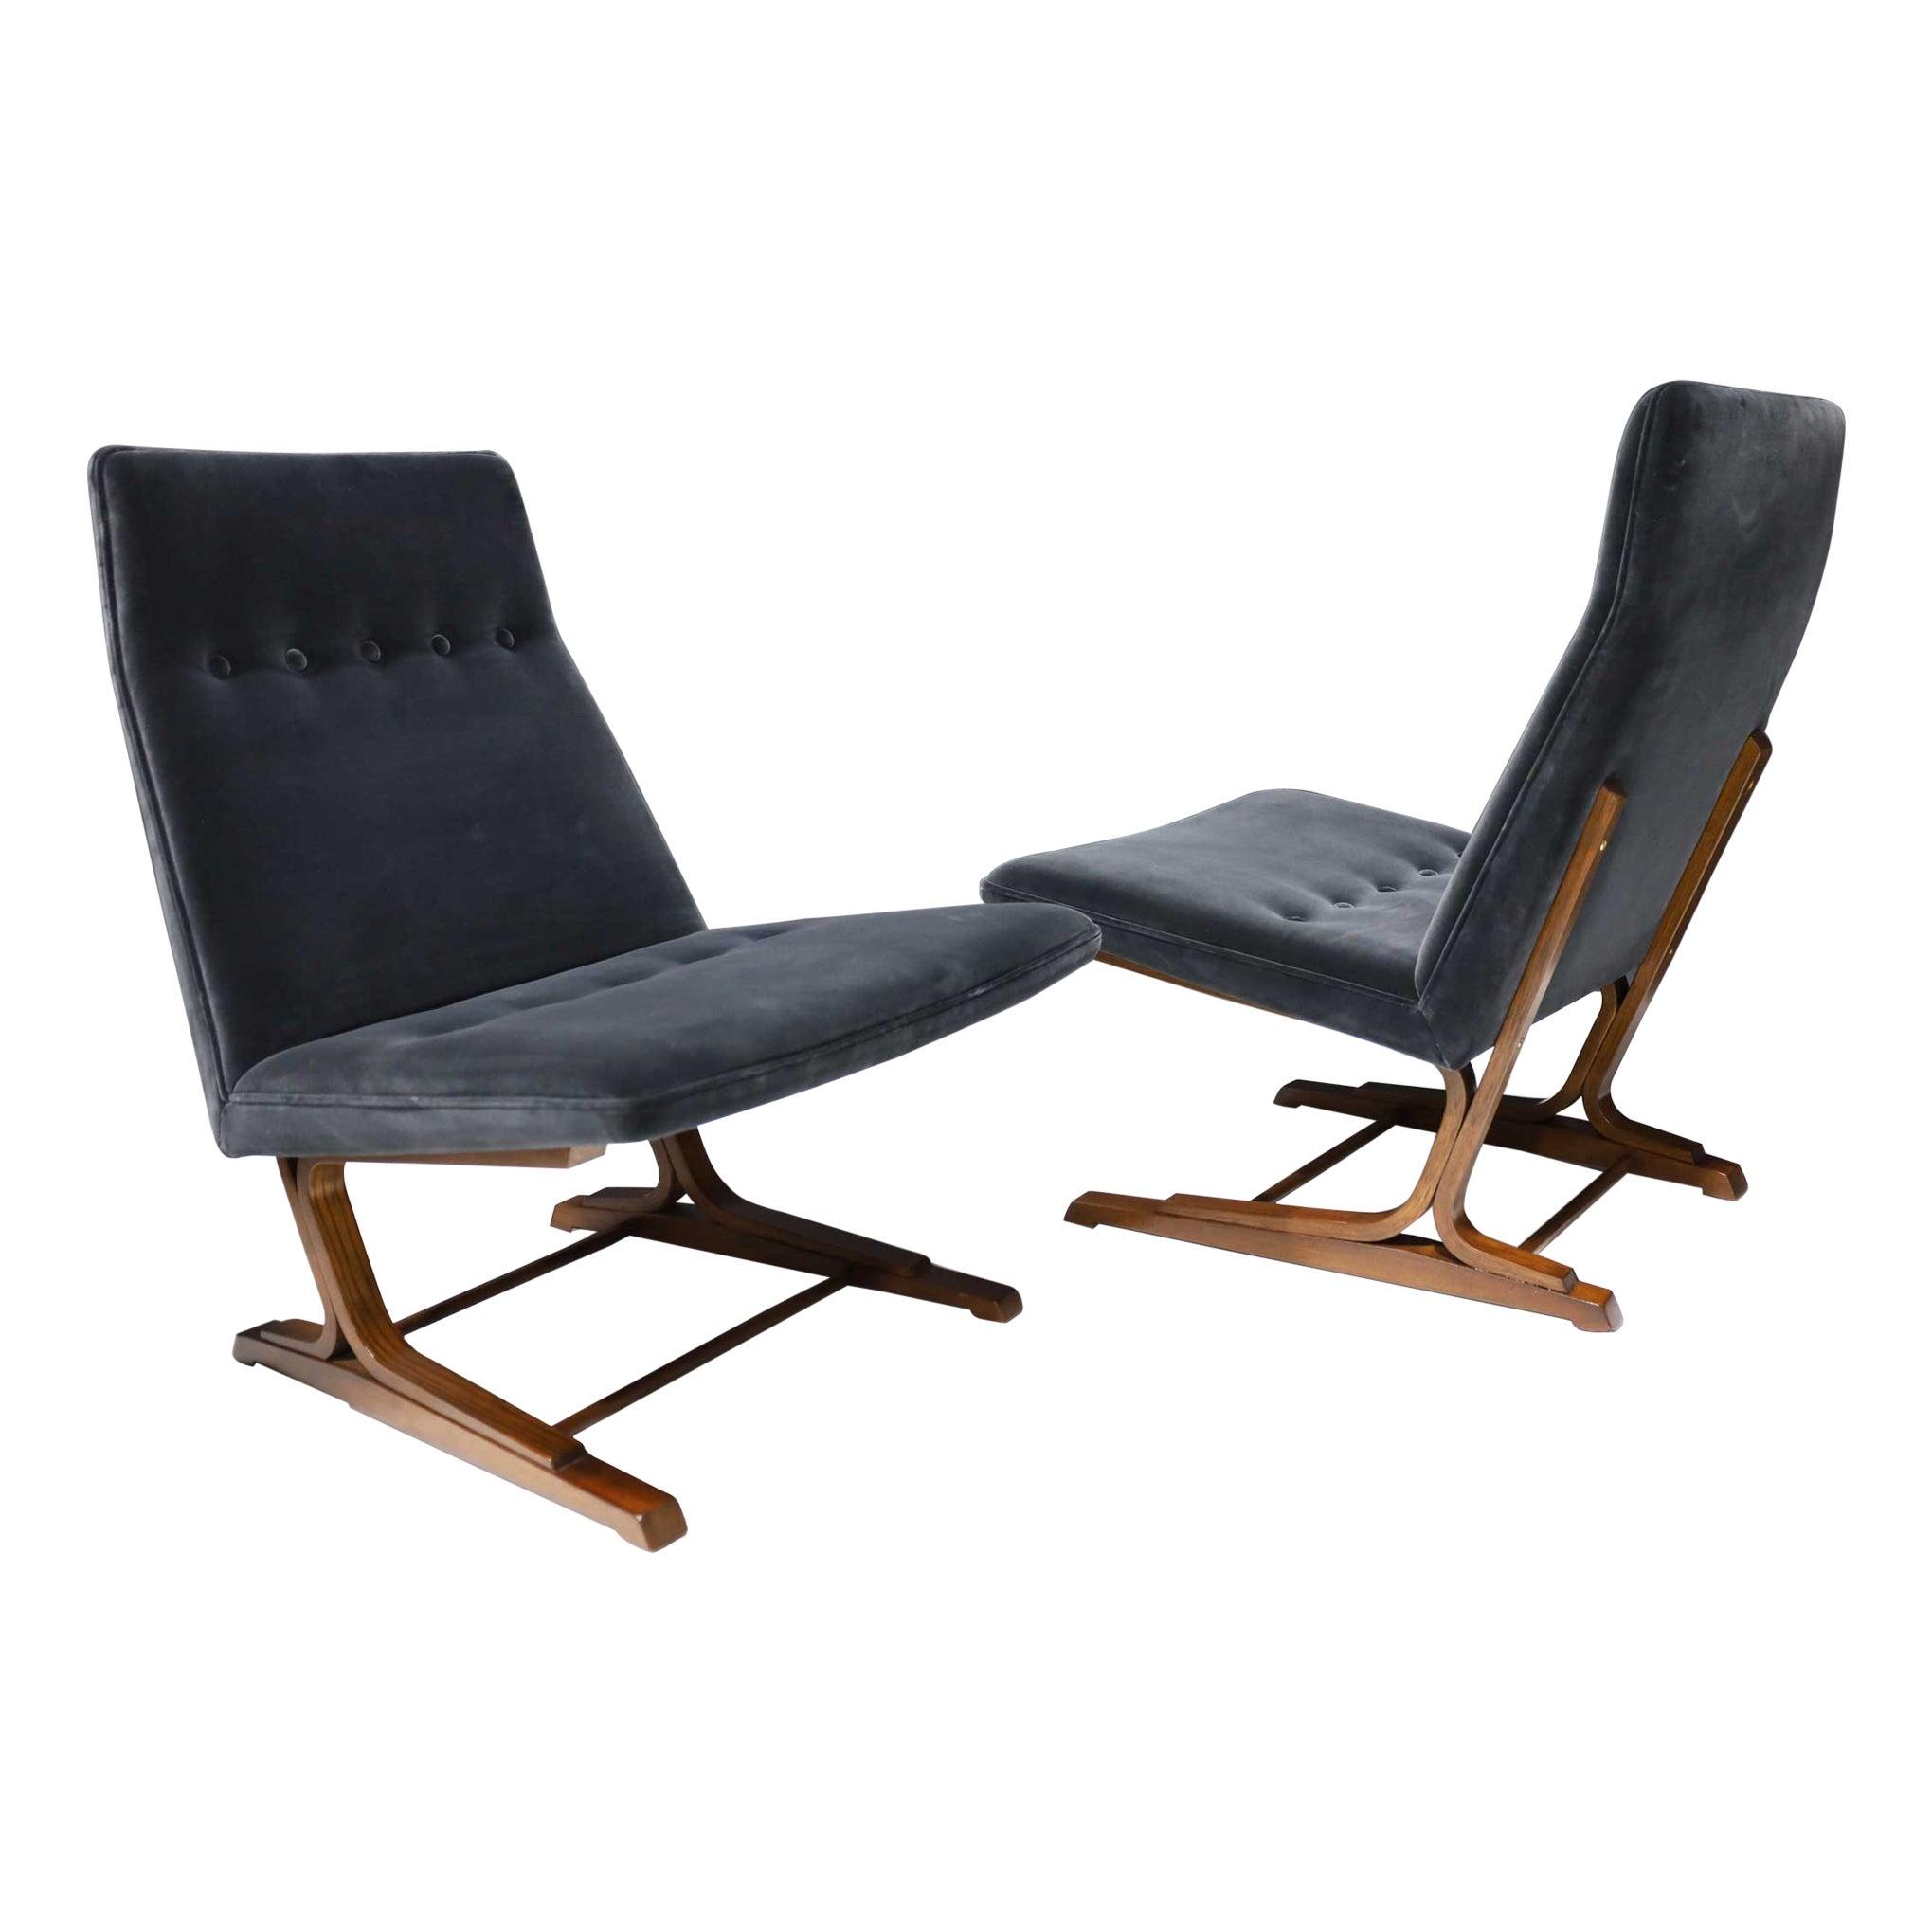 Pair of Roger Sprunger for Dunbar Cantilevered Chairs in Blue Velvet